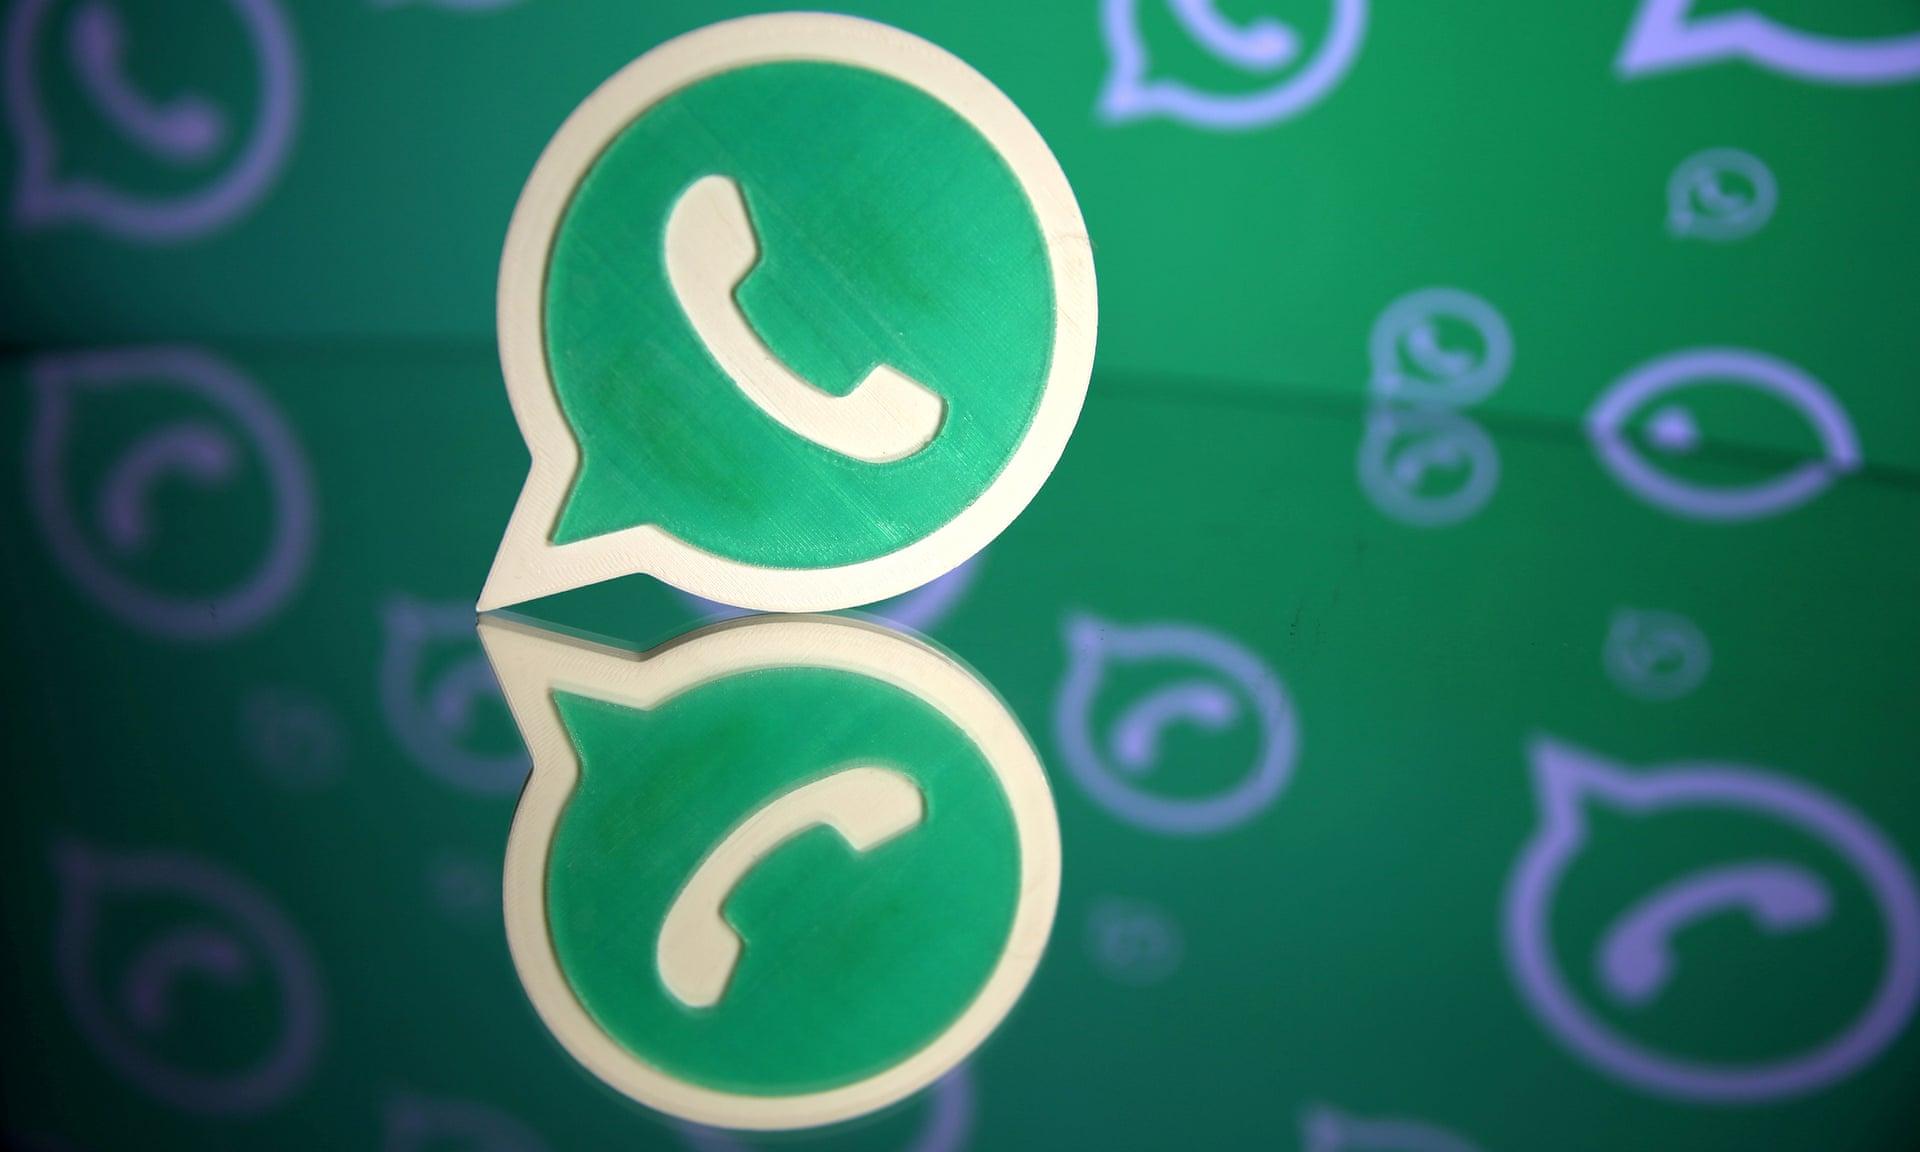 WhatsApp elimina dos millones de usuarios al mes por comportamientos inapropiados